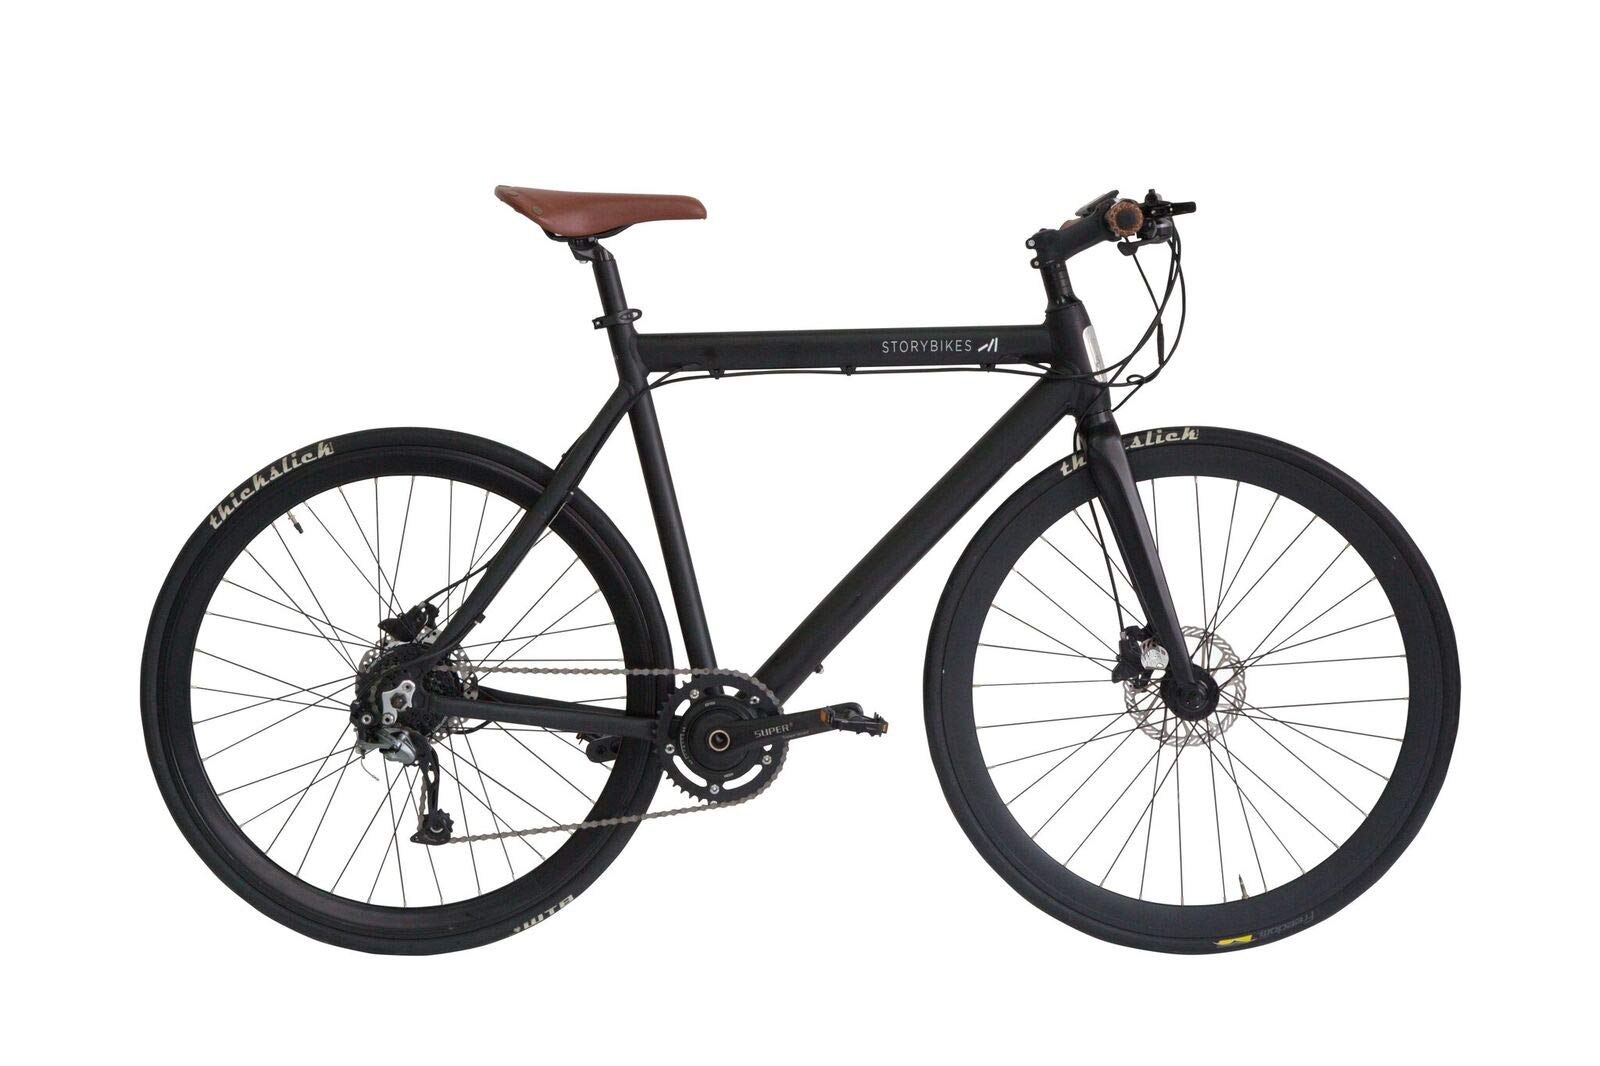 Bicicleta eléctrica Story - eBike con motor electrónico inteligente de 350 W, batería de litio oculta, puerto